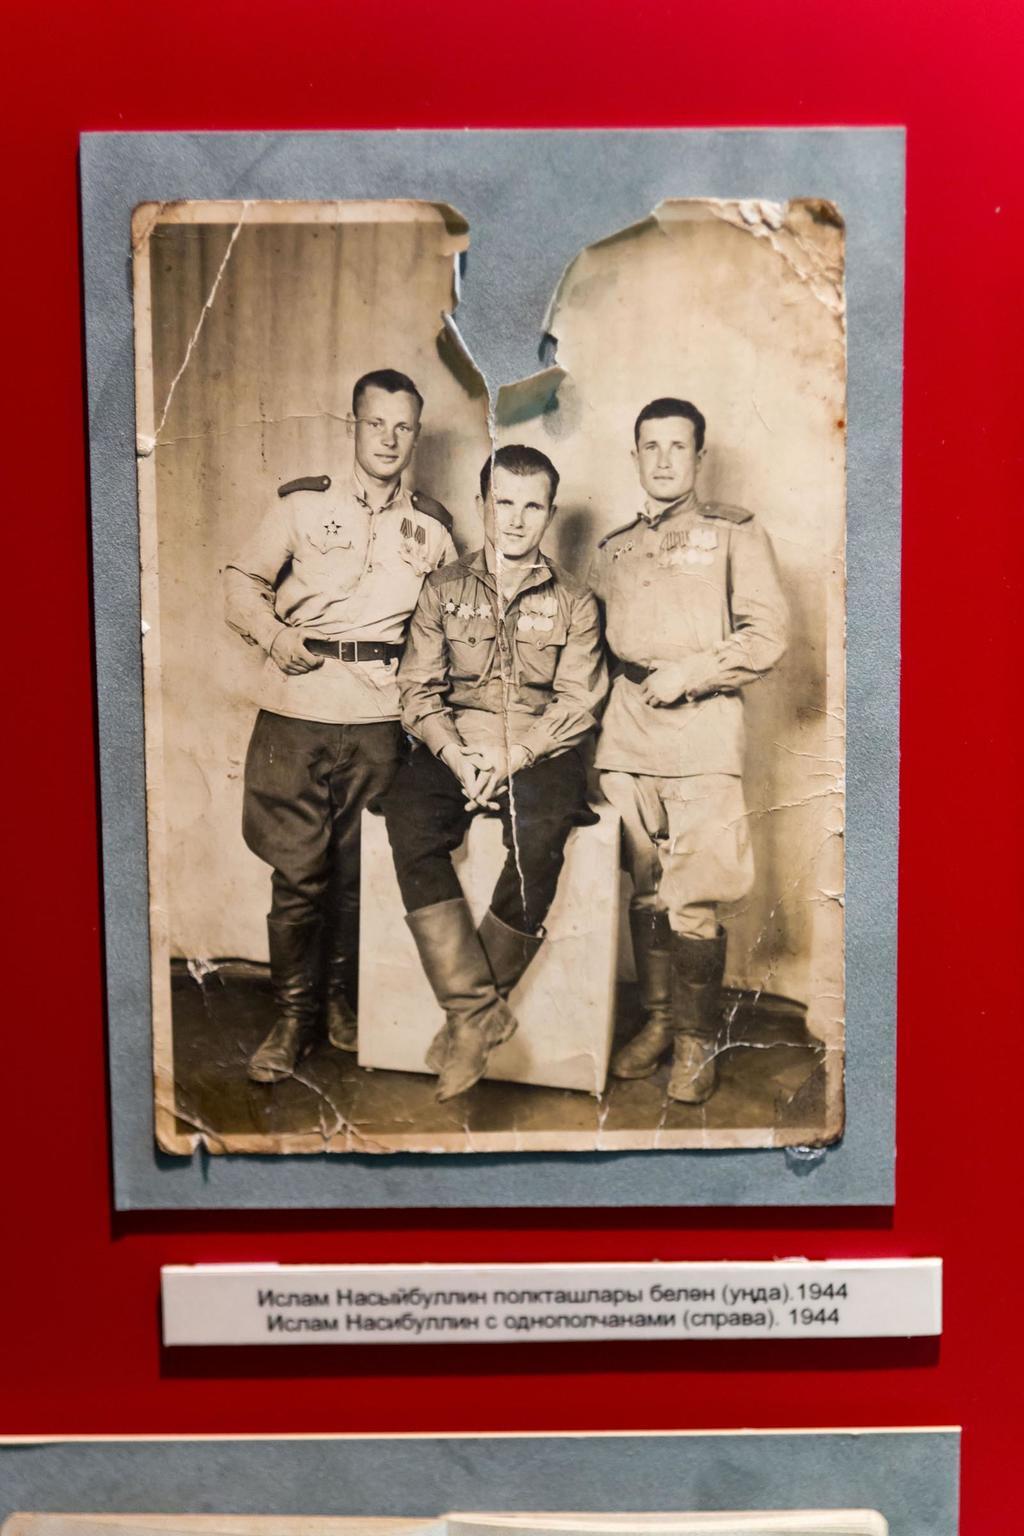 Фото. Насибуллин И.Н. (справа) с однополчанами. 1944   Фотография передана в дар музею Насибуллиной С. - женой Насибуллина И.Н. в 2005 году. ©Tatfrontu.ru Photo Archive